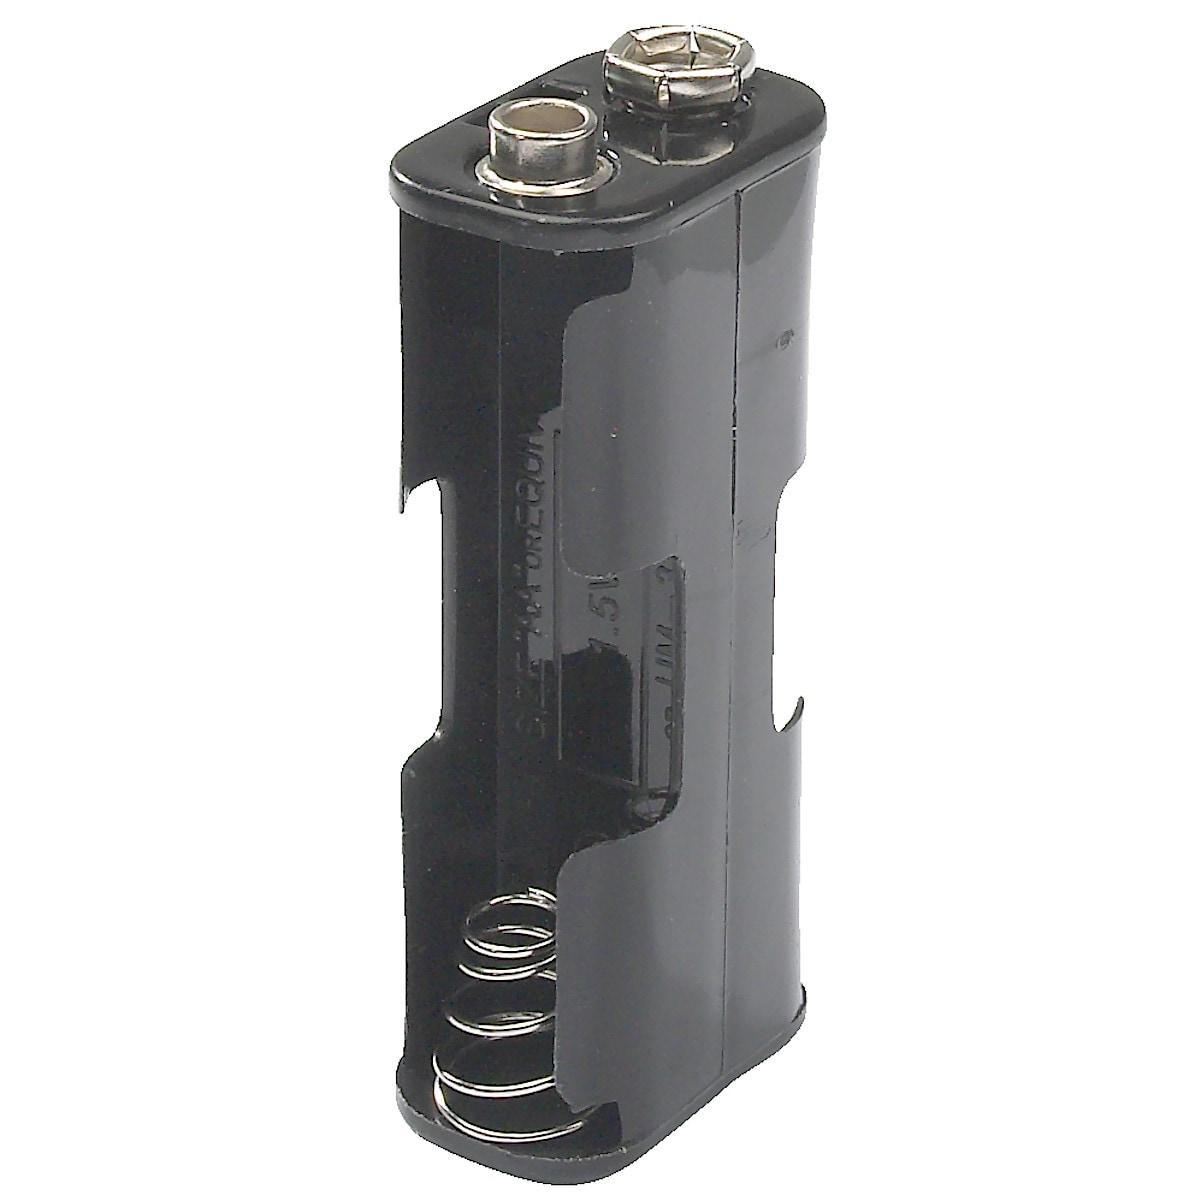 R6 Battery Holder